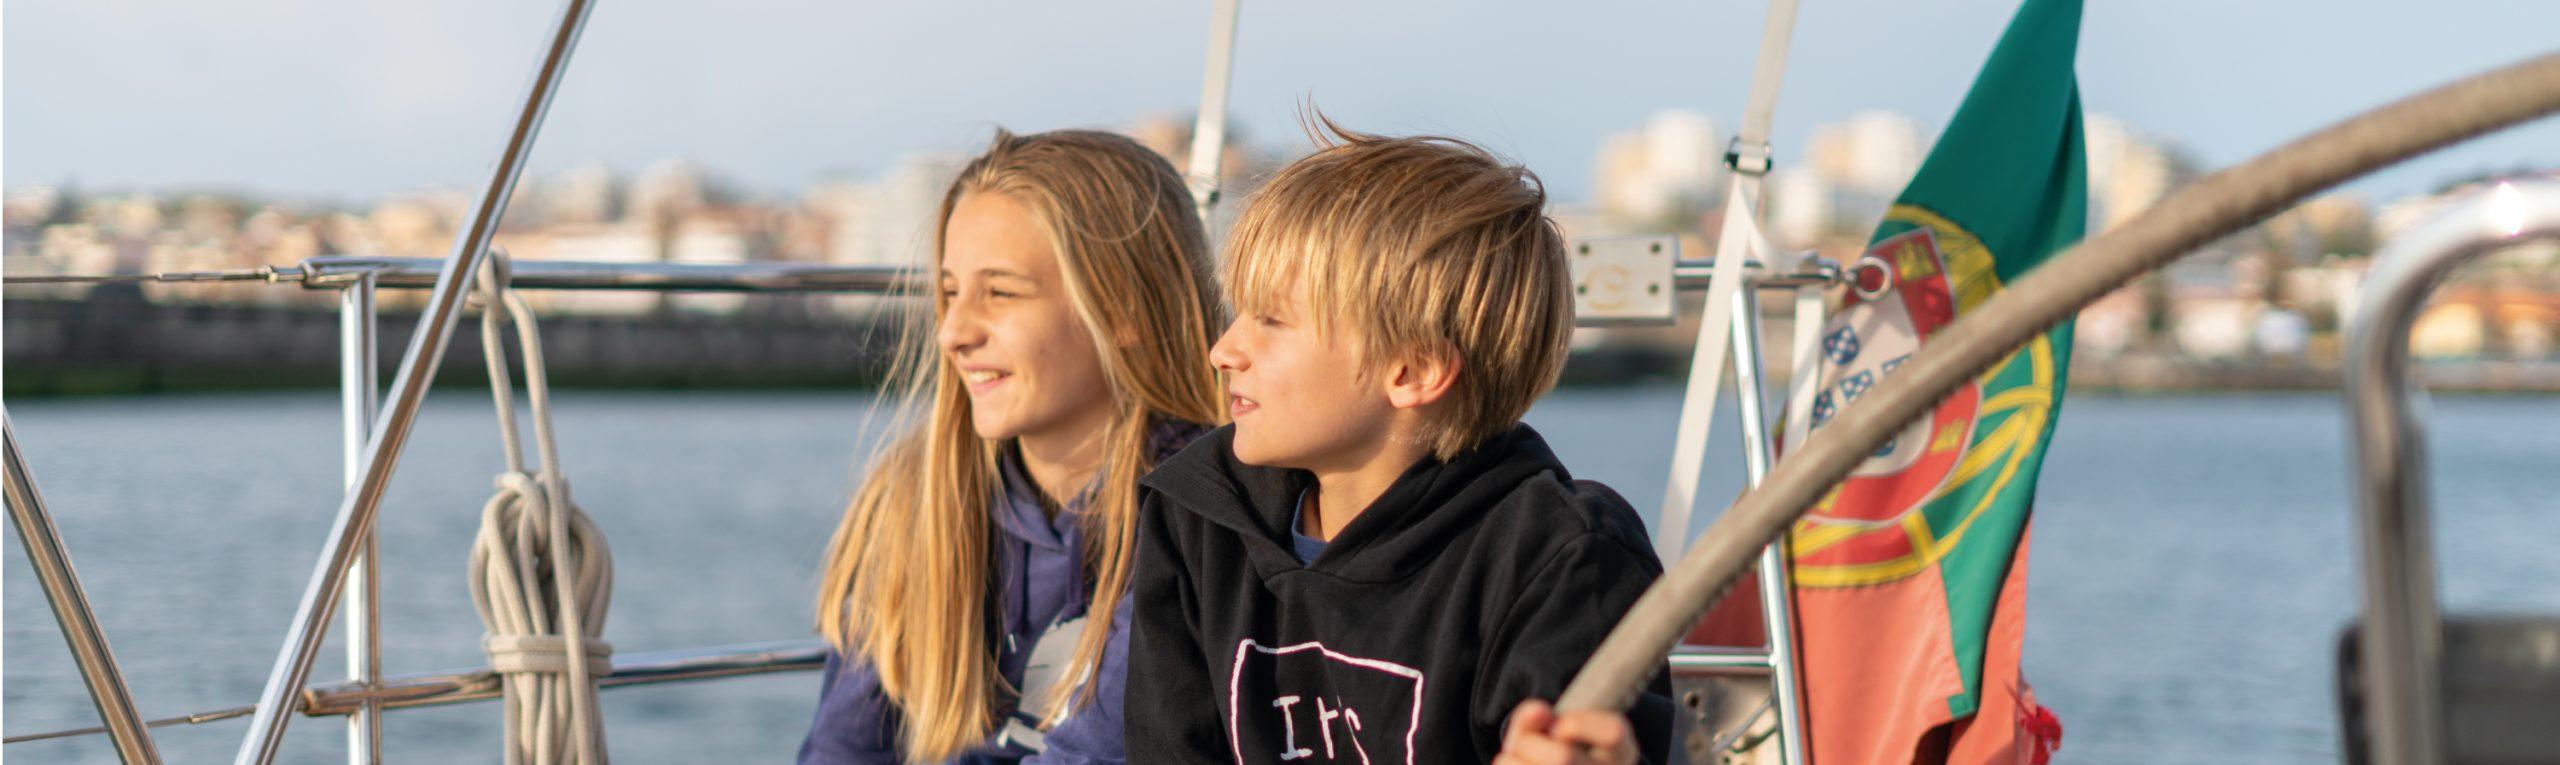 Passeios em Família Porto | BBDouro - We do Sailing